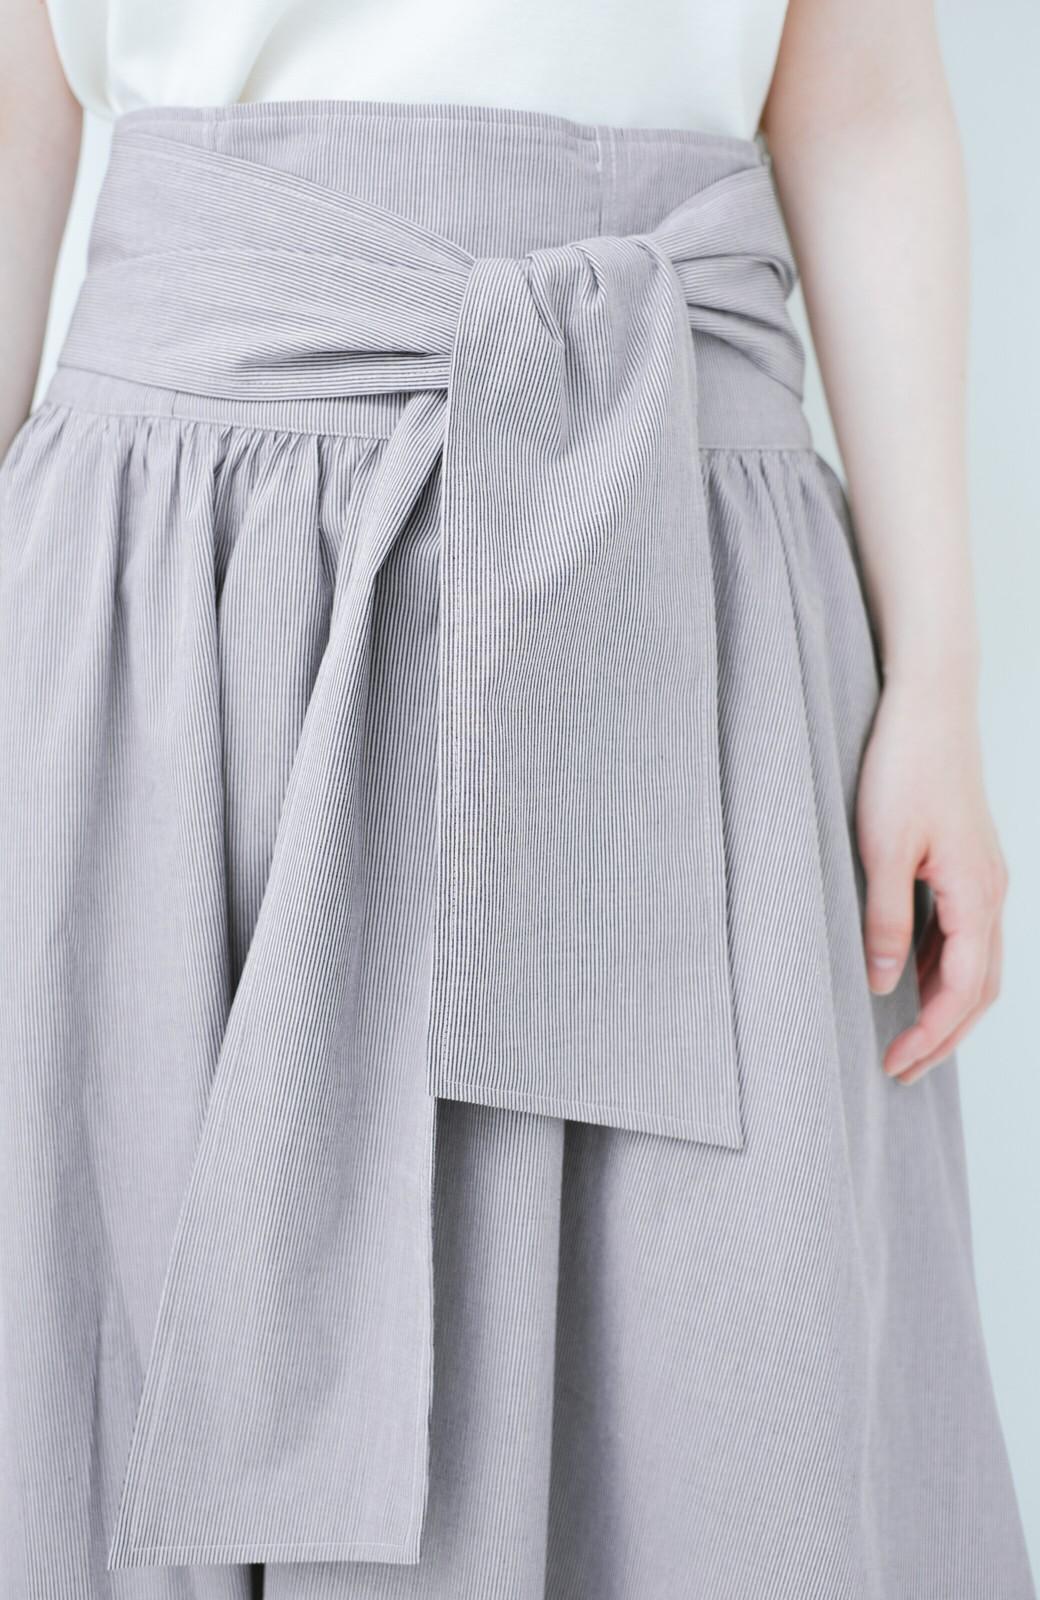 haco! Tシャツと合わせるだけでも女っぽが叶う ウエストリボンのストライプフレアースカート <ブラック系その他>の商品写真6